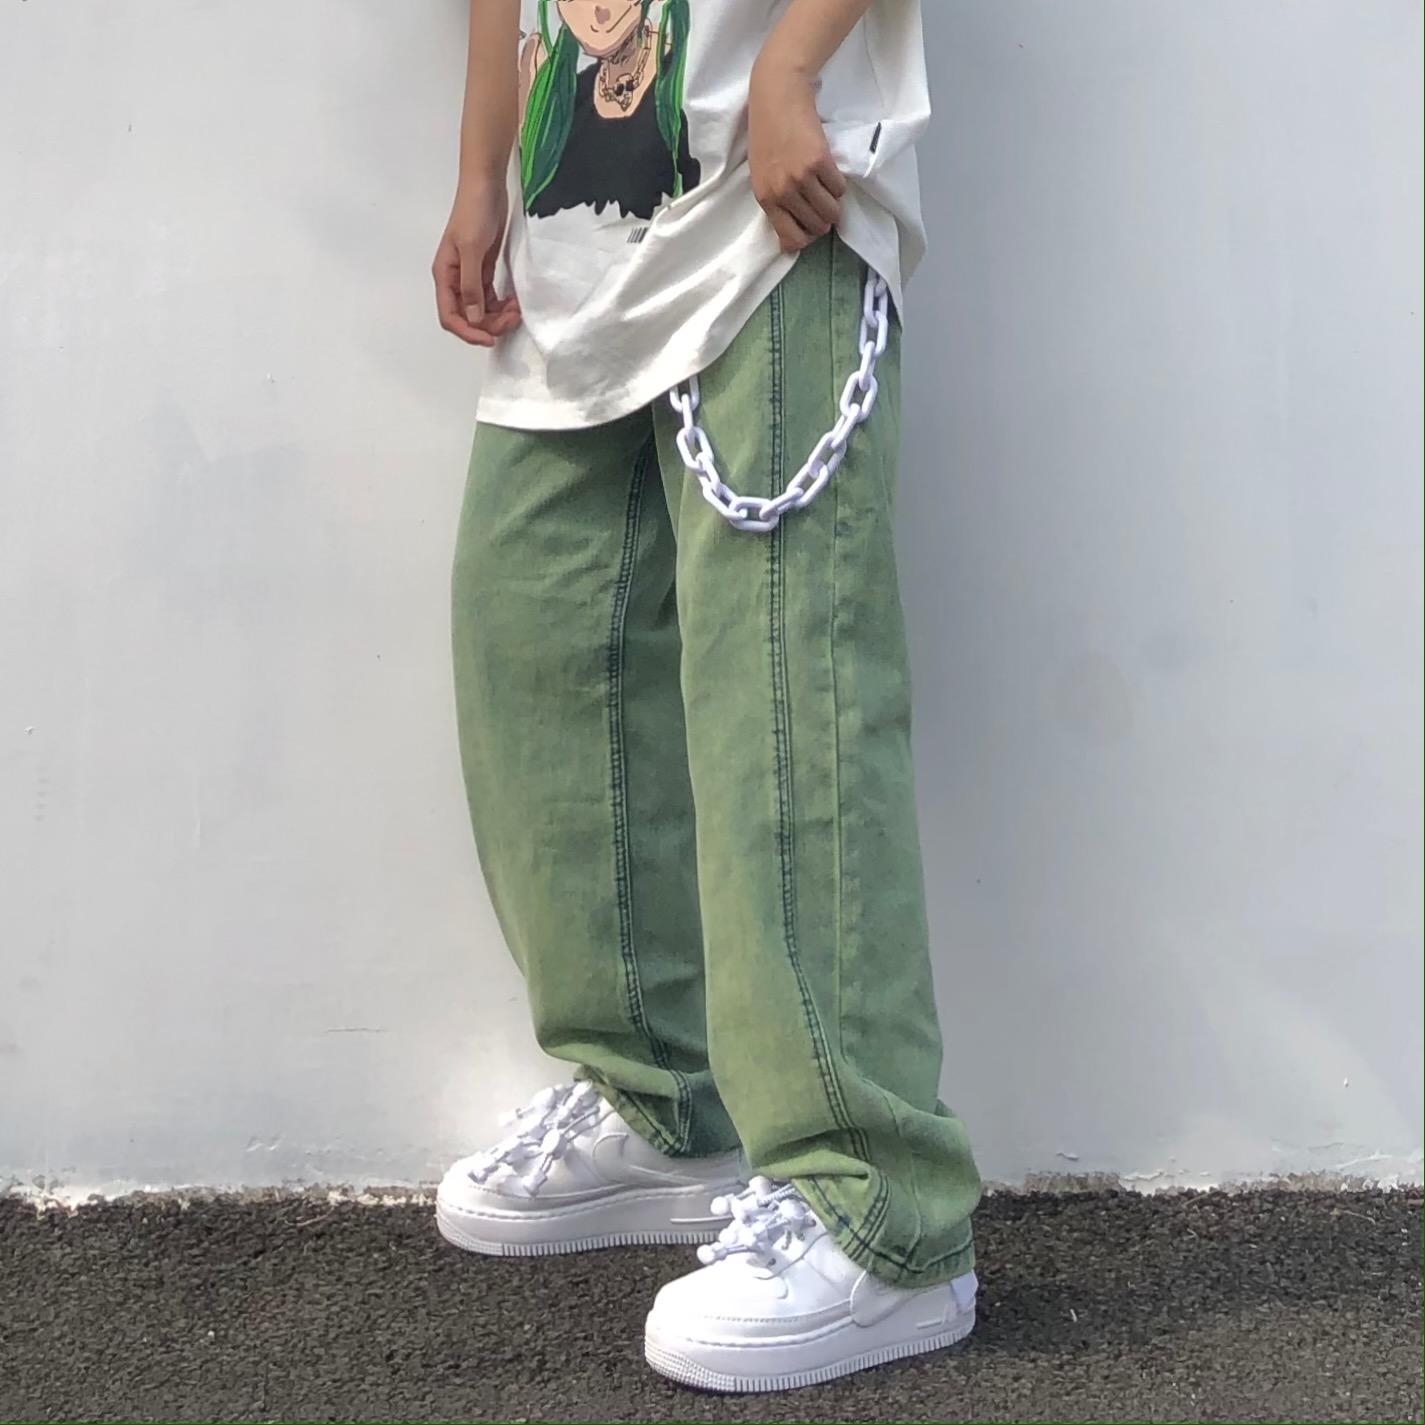 绿色牛仔裤 珍珍很懒 宽松直筒阔腿裤绿色洗水炒色休闲国潮立体剪裁牛仔裤女_推荐淘宝好看的绿色牛仔裤